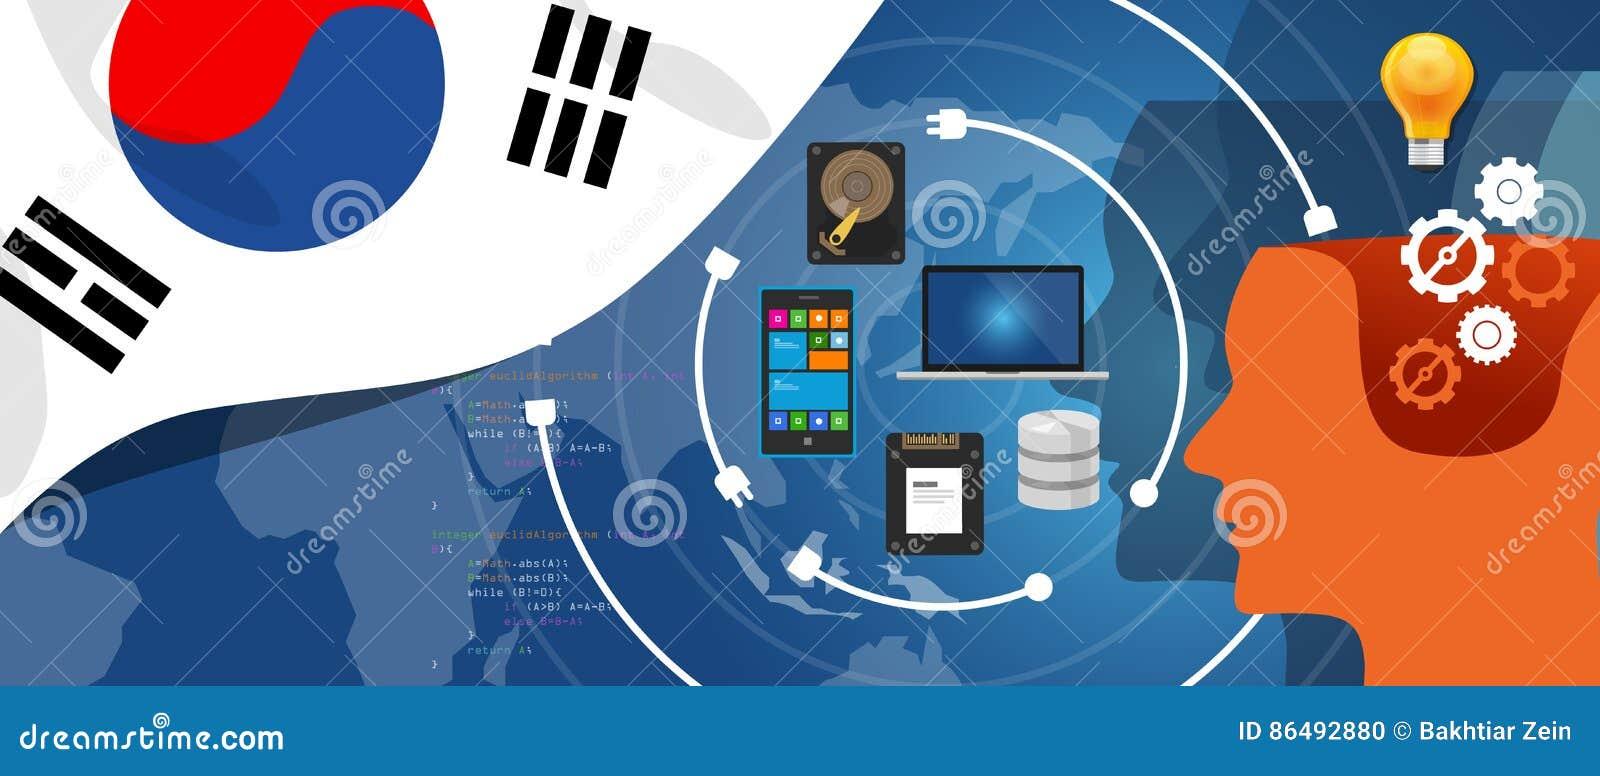 韩国IT信息技术数字式基础设施连接的企业数据通过互联网使用